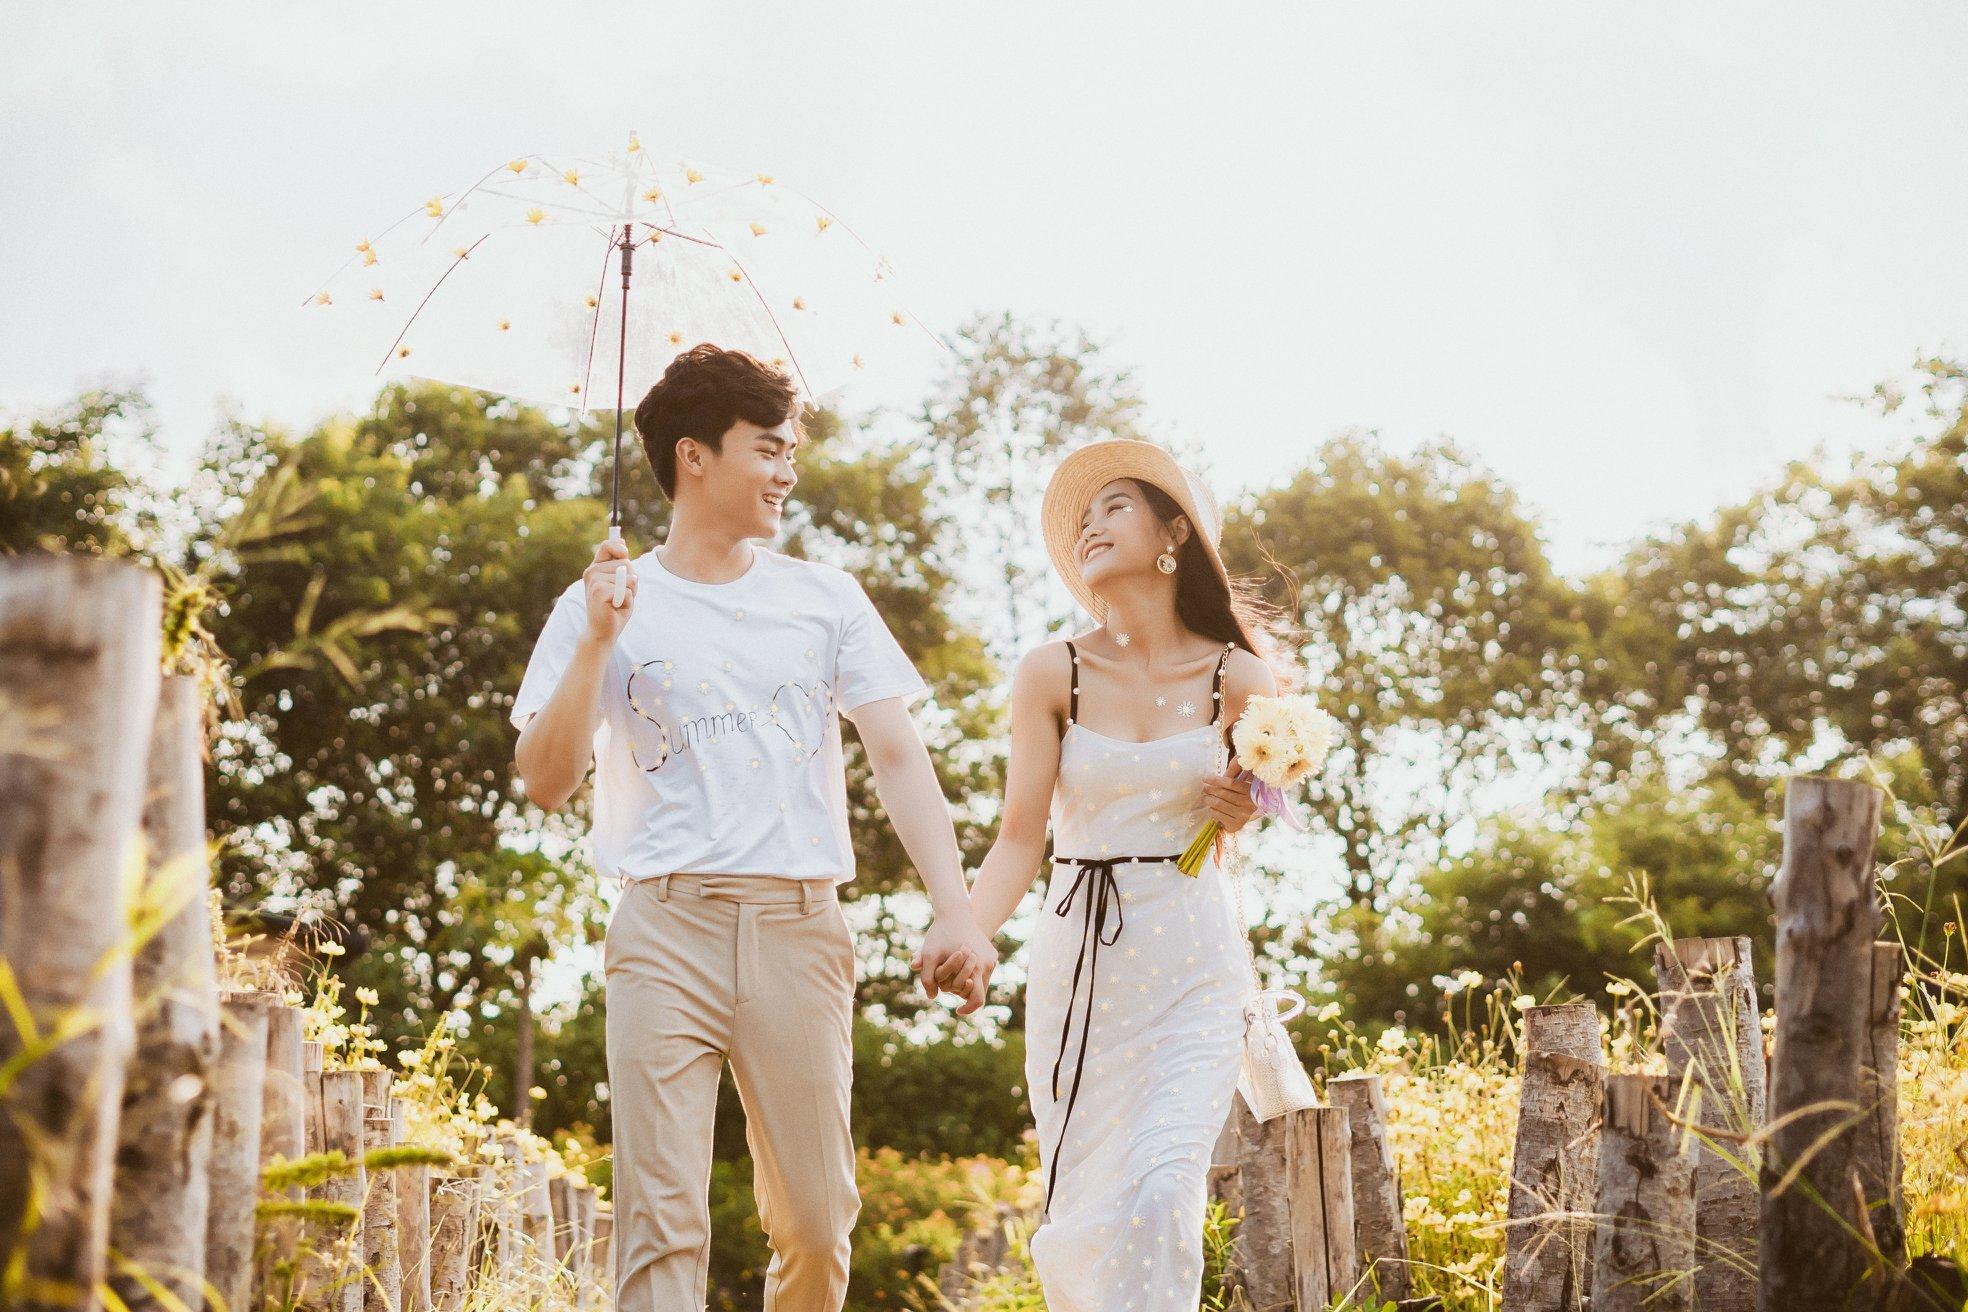 Album ảnh cưới đẹp Hàn Quốc tại phim trường Santorini Hà Nội 44